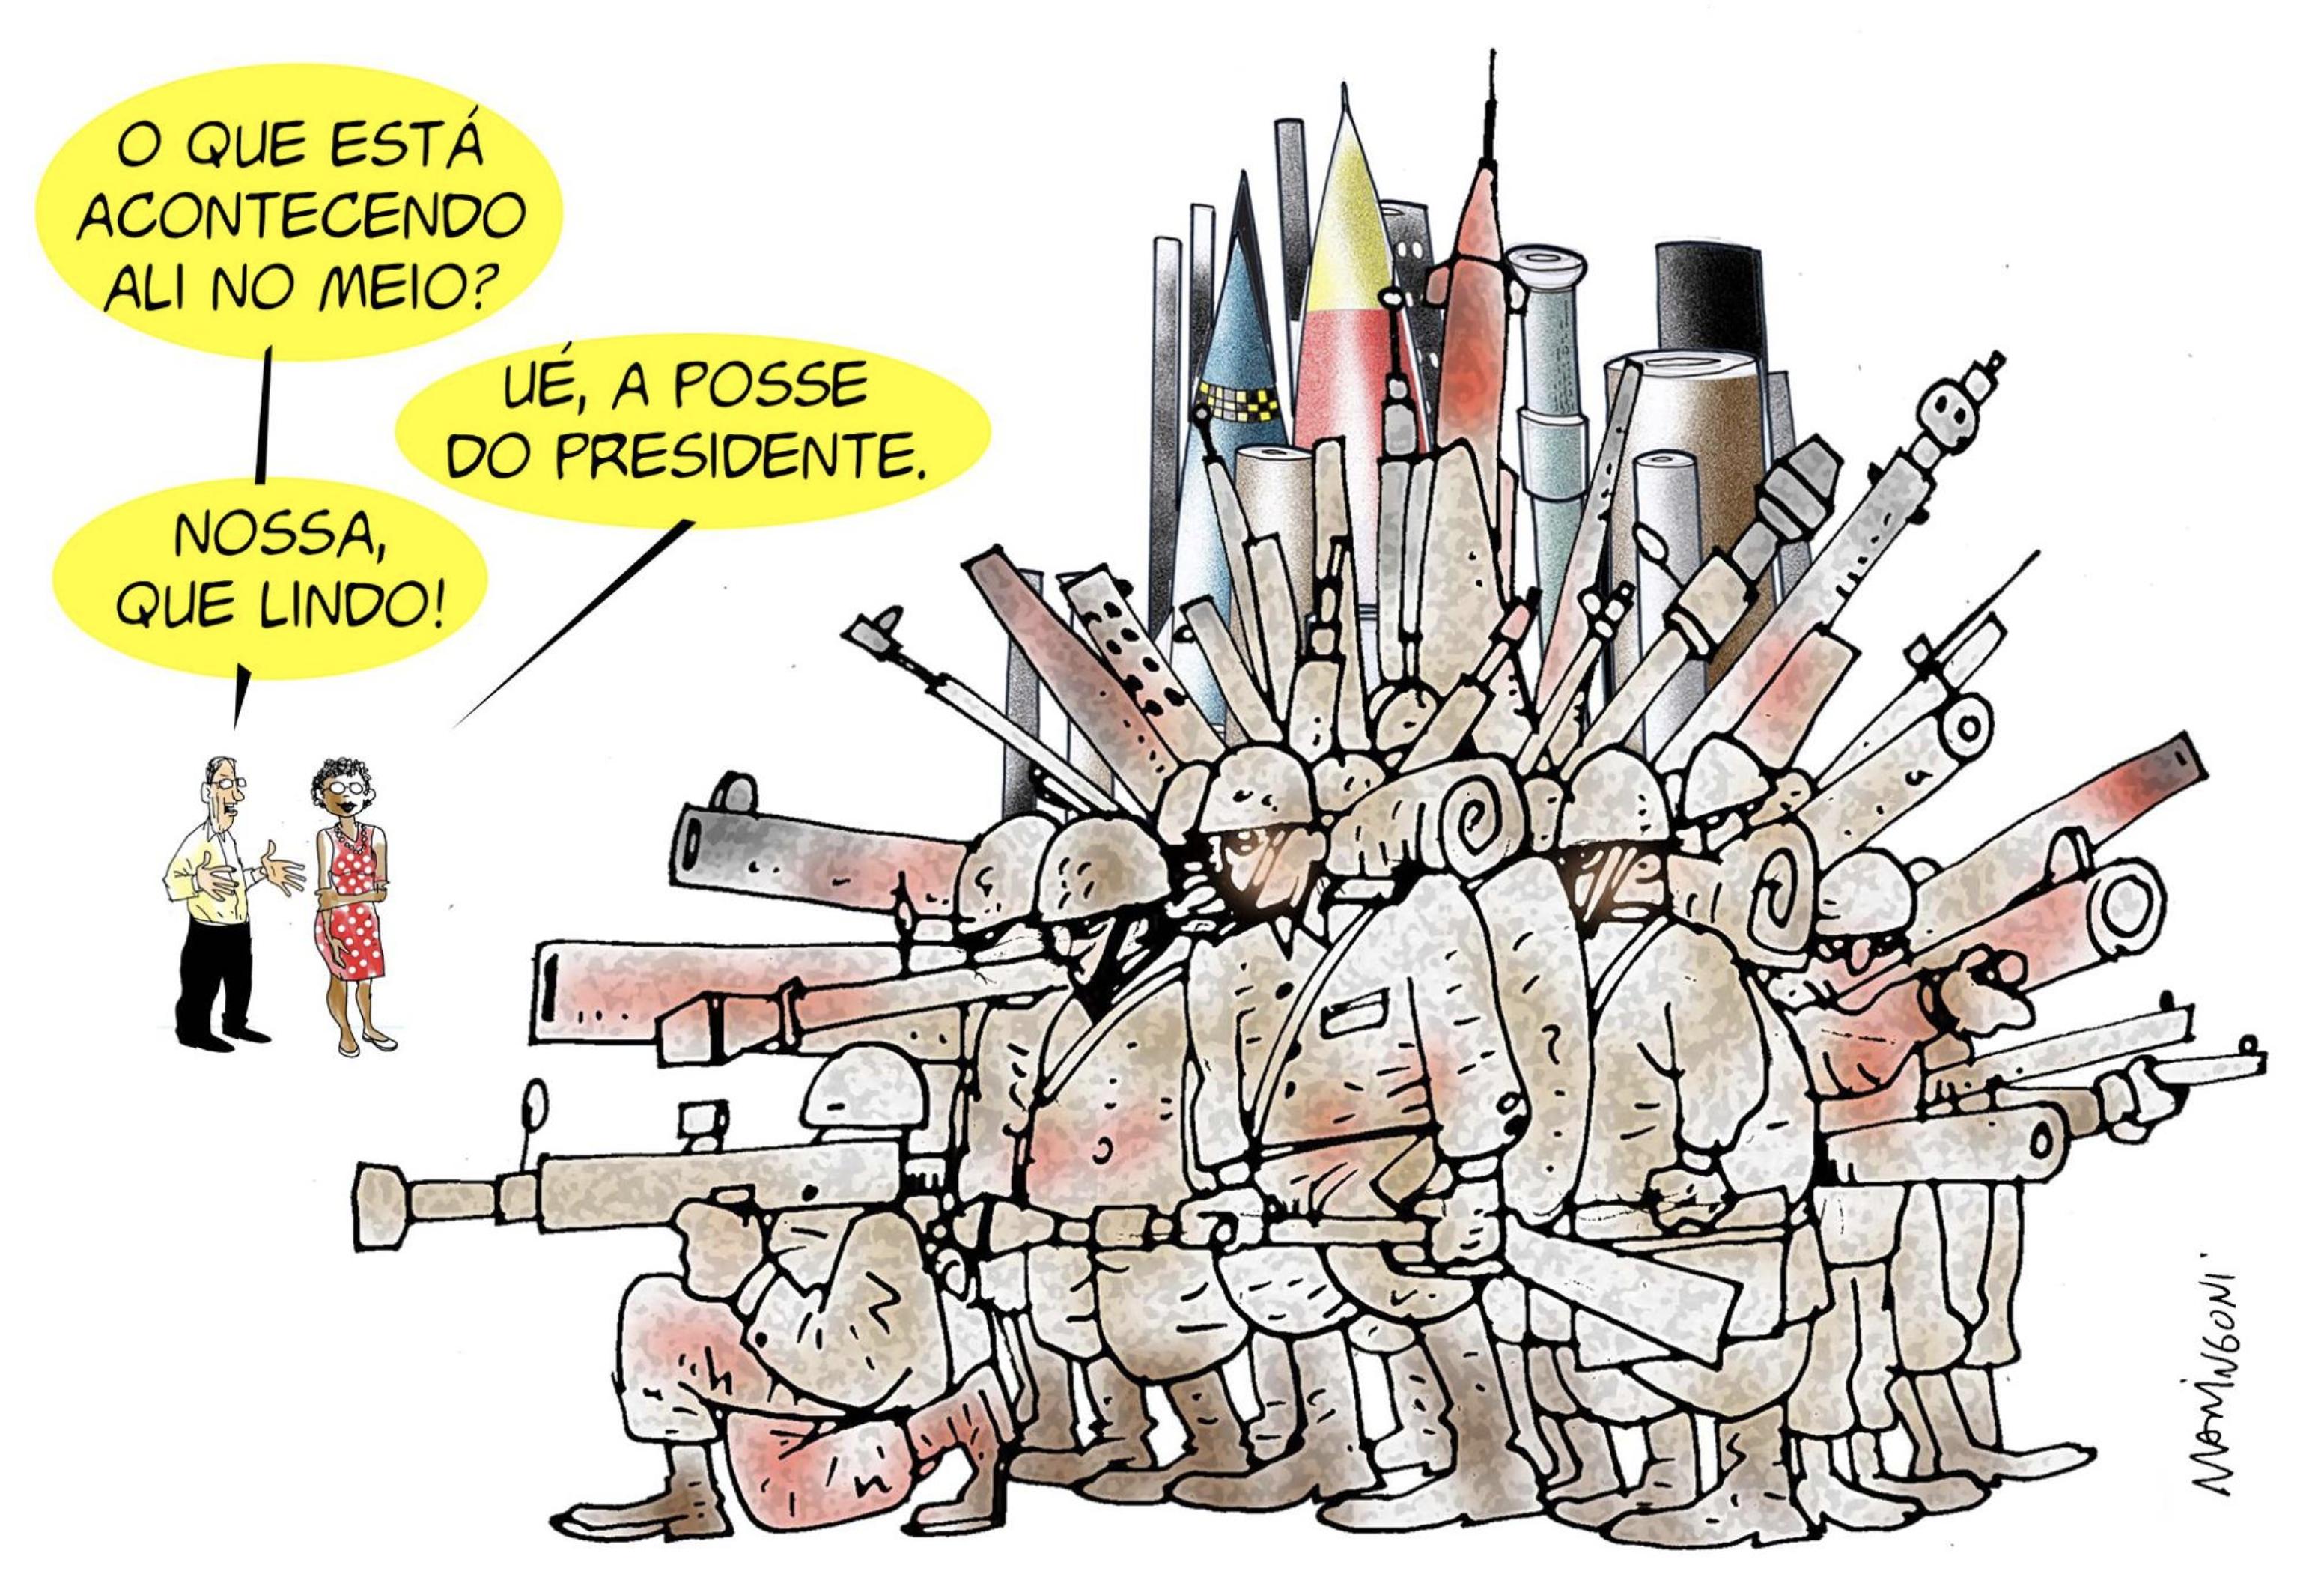 Para a posse de Bolsonaro, Maringoni alerta: a direita, como sempre, pode estar montando provocações